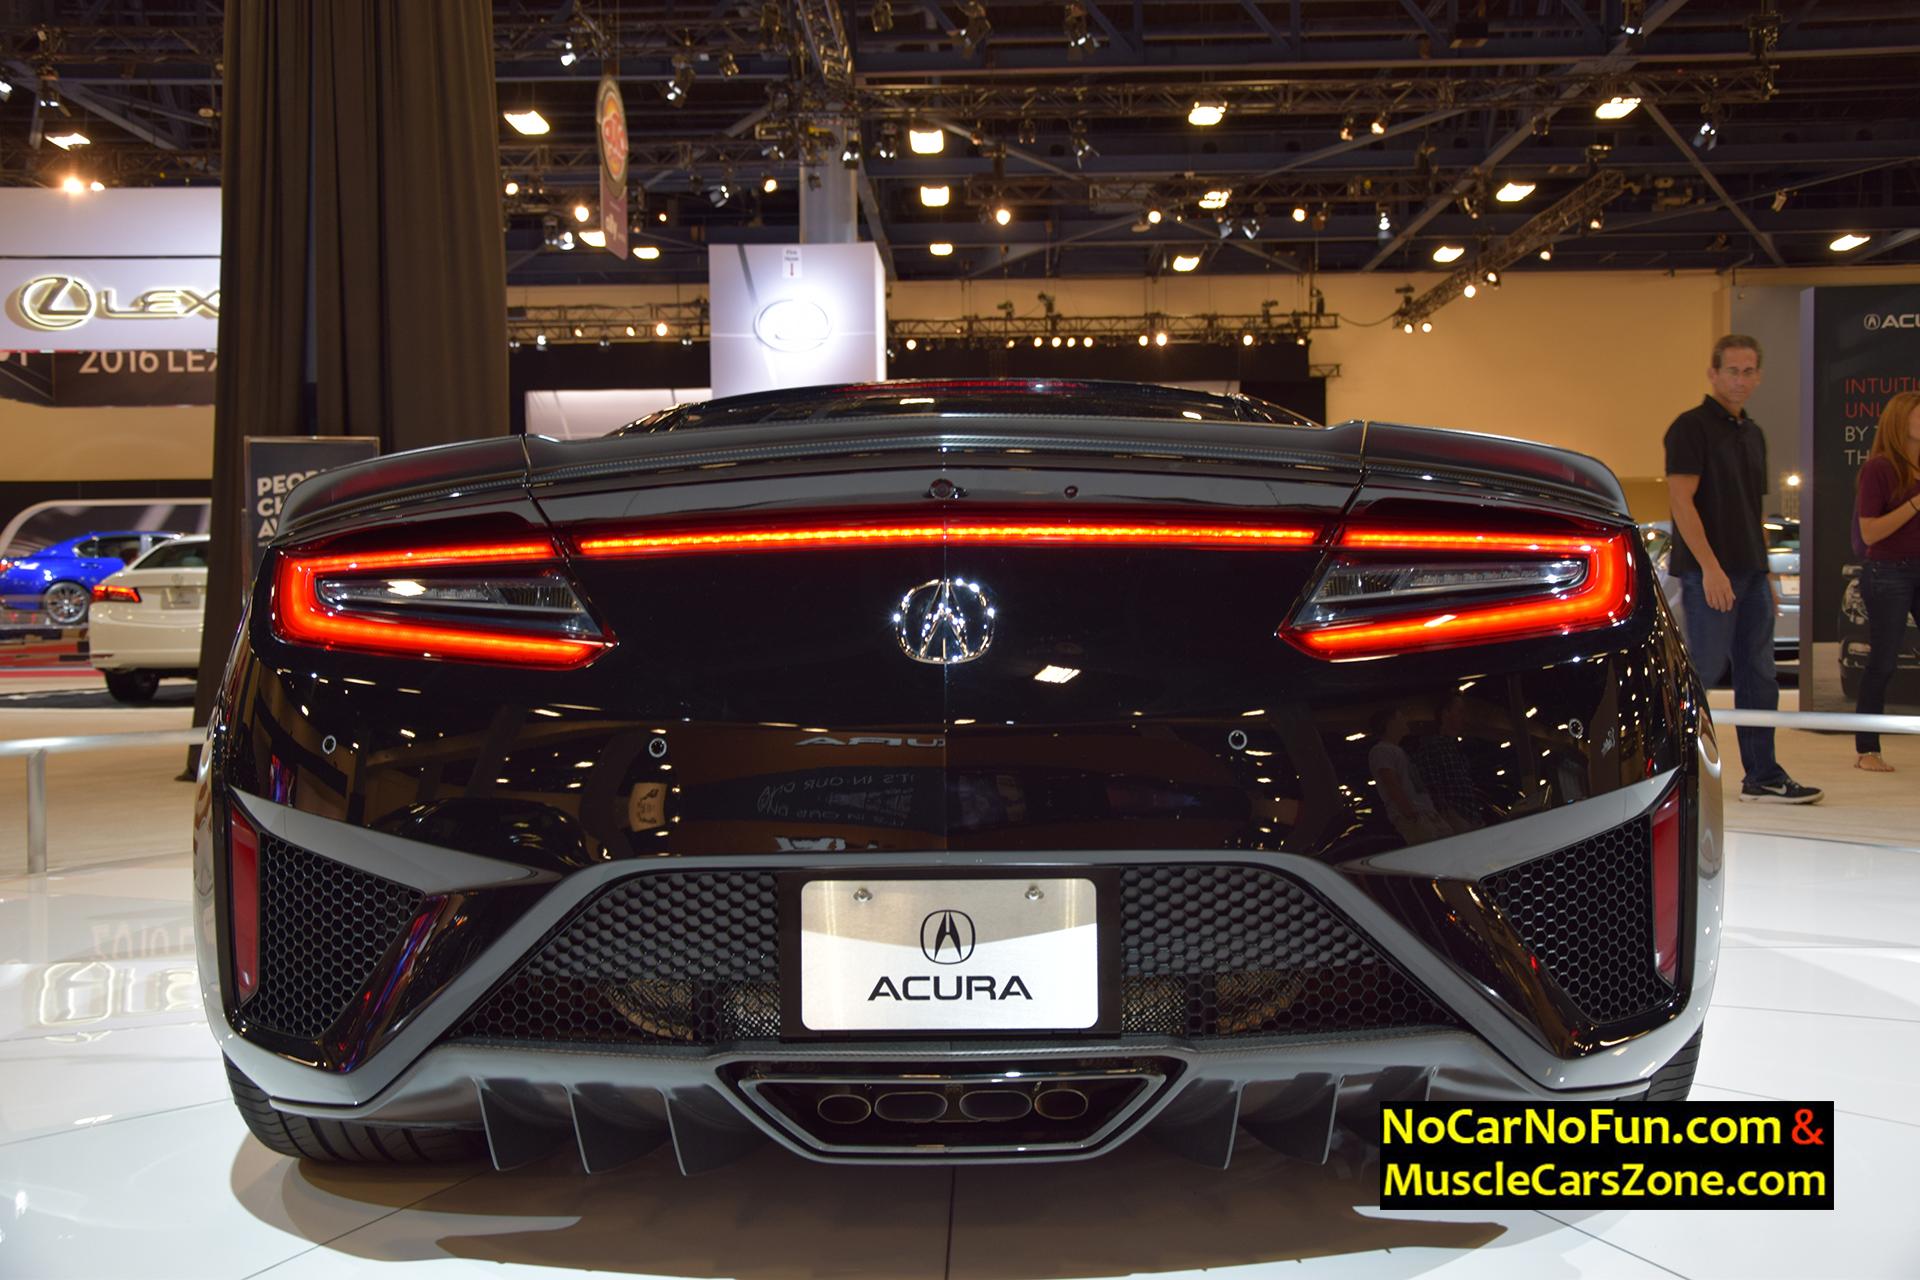 2017 Acura NSX - Miami Auto Show 2015 6 - Muscle Cars Zone!